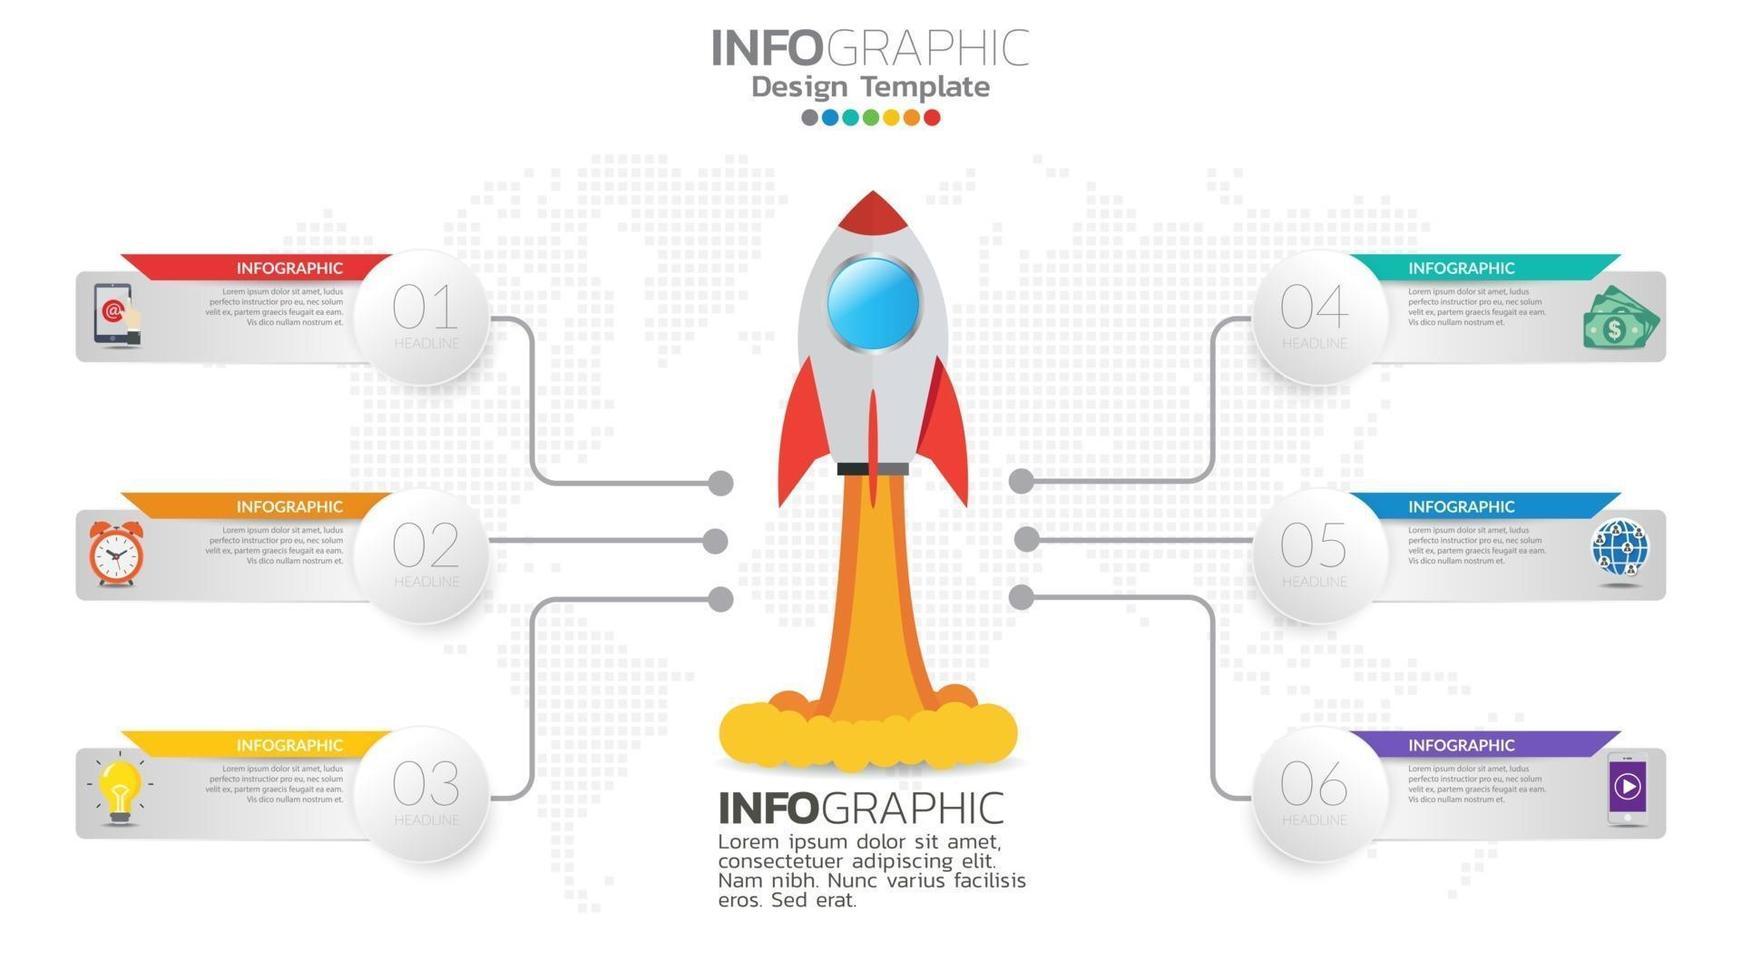 6 steg startinfografik med raketlansering. affärs- och ekonomikoncept. vektor